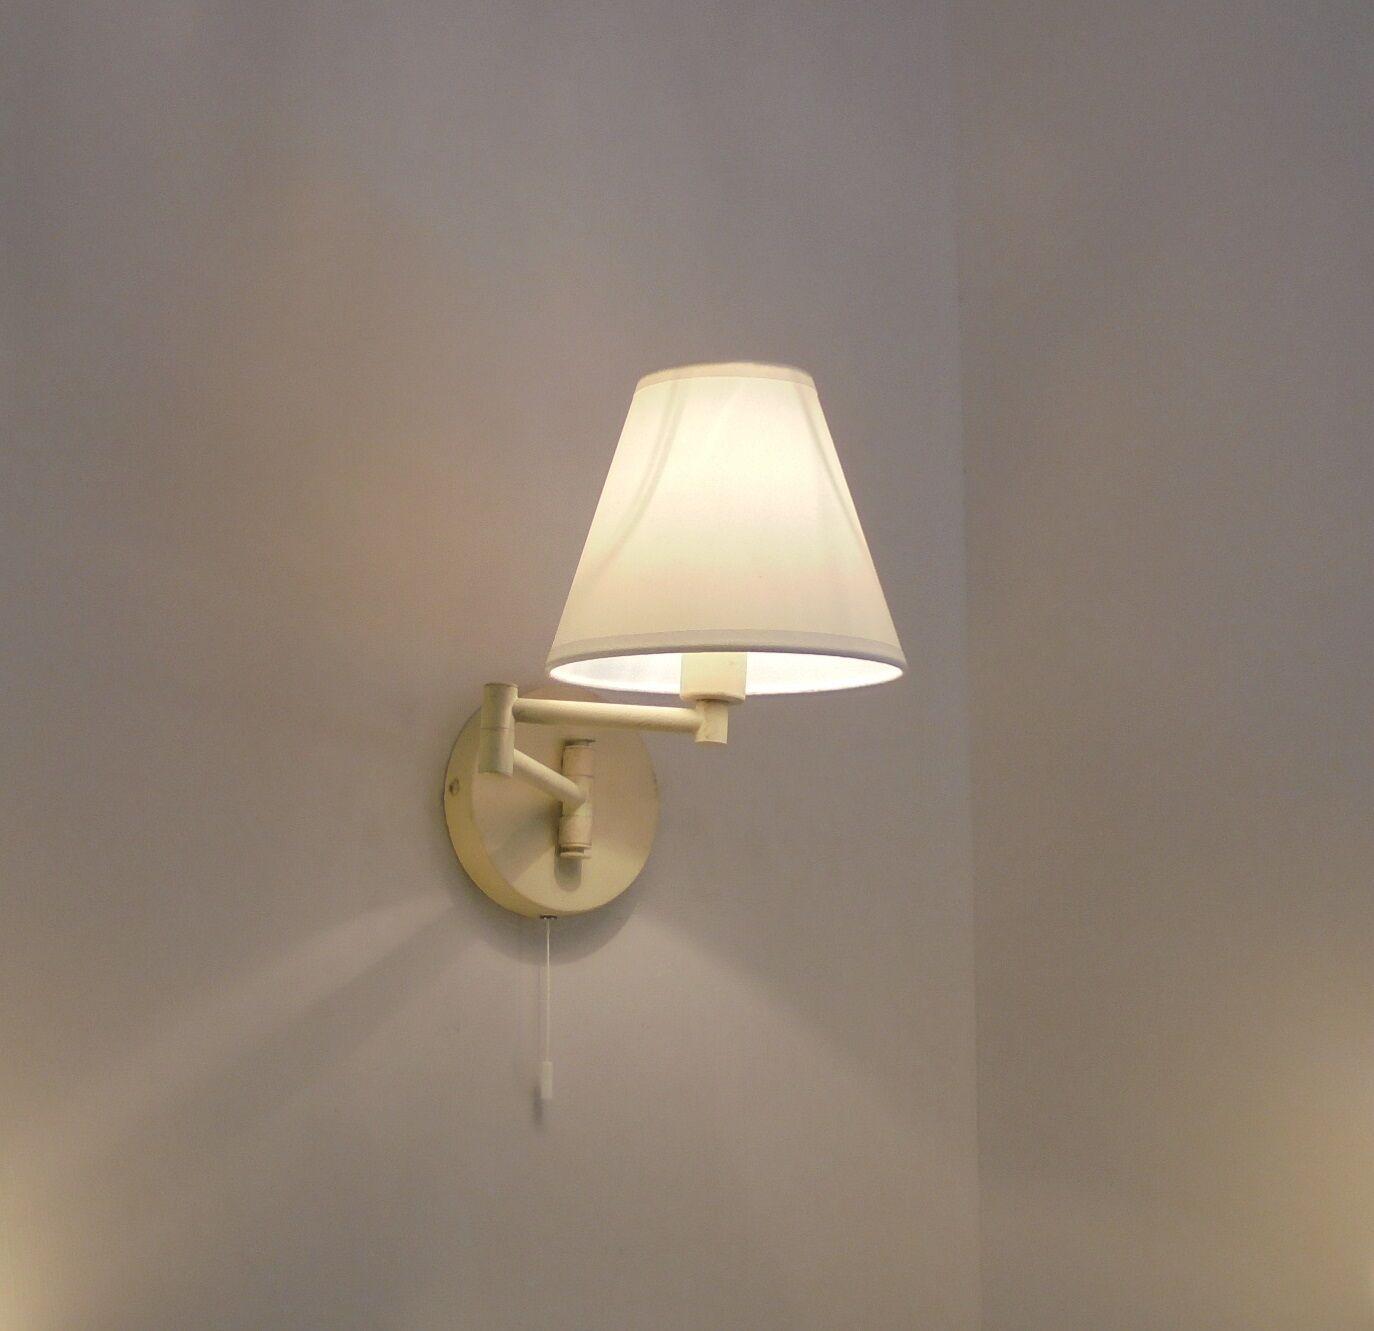 Lampada con paralume Arredamento, mobili e accessori per